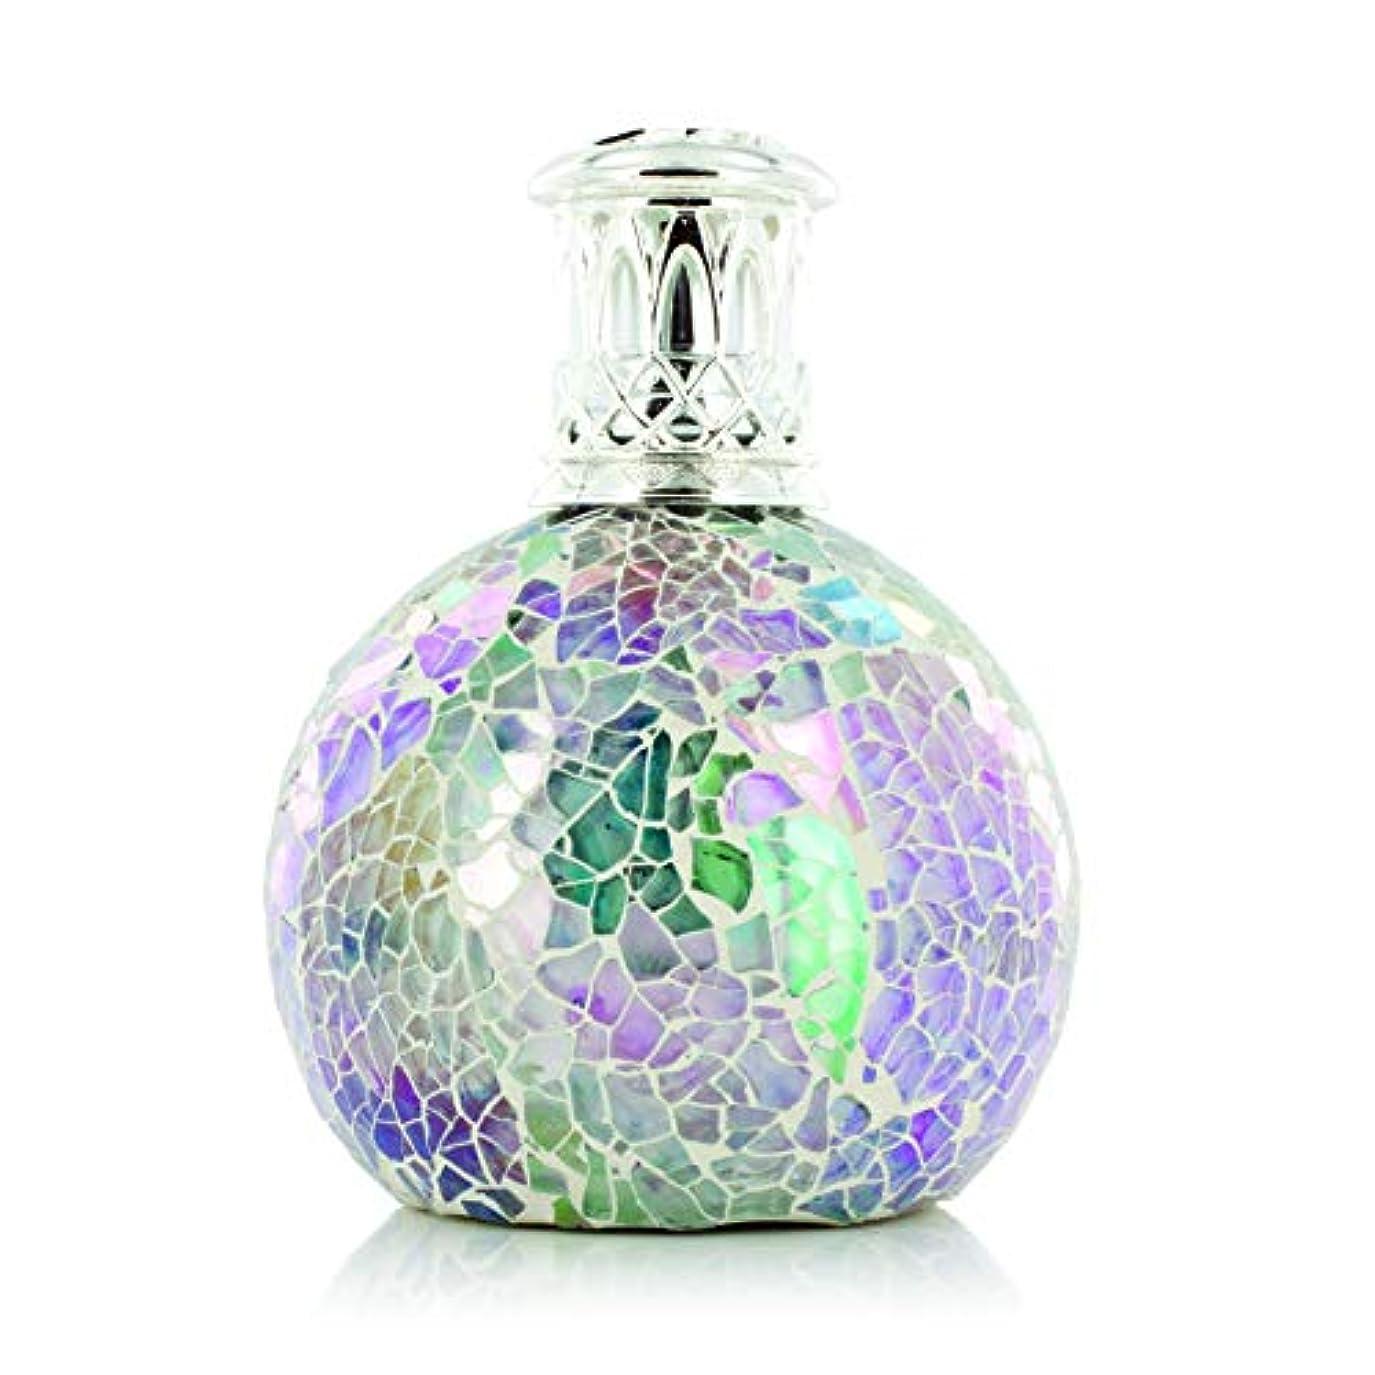 致命的不平を言うポンペイAshleigh&Burwood フレグランスランプ S フェアリーボール FragranceLamps sizeS FairyBall アシュレイ&バーウッド